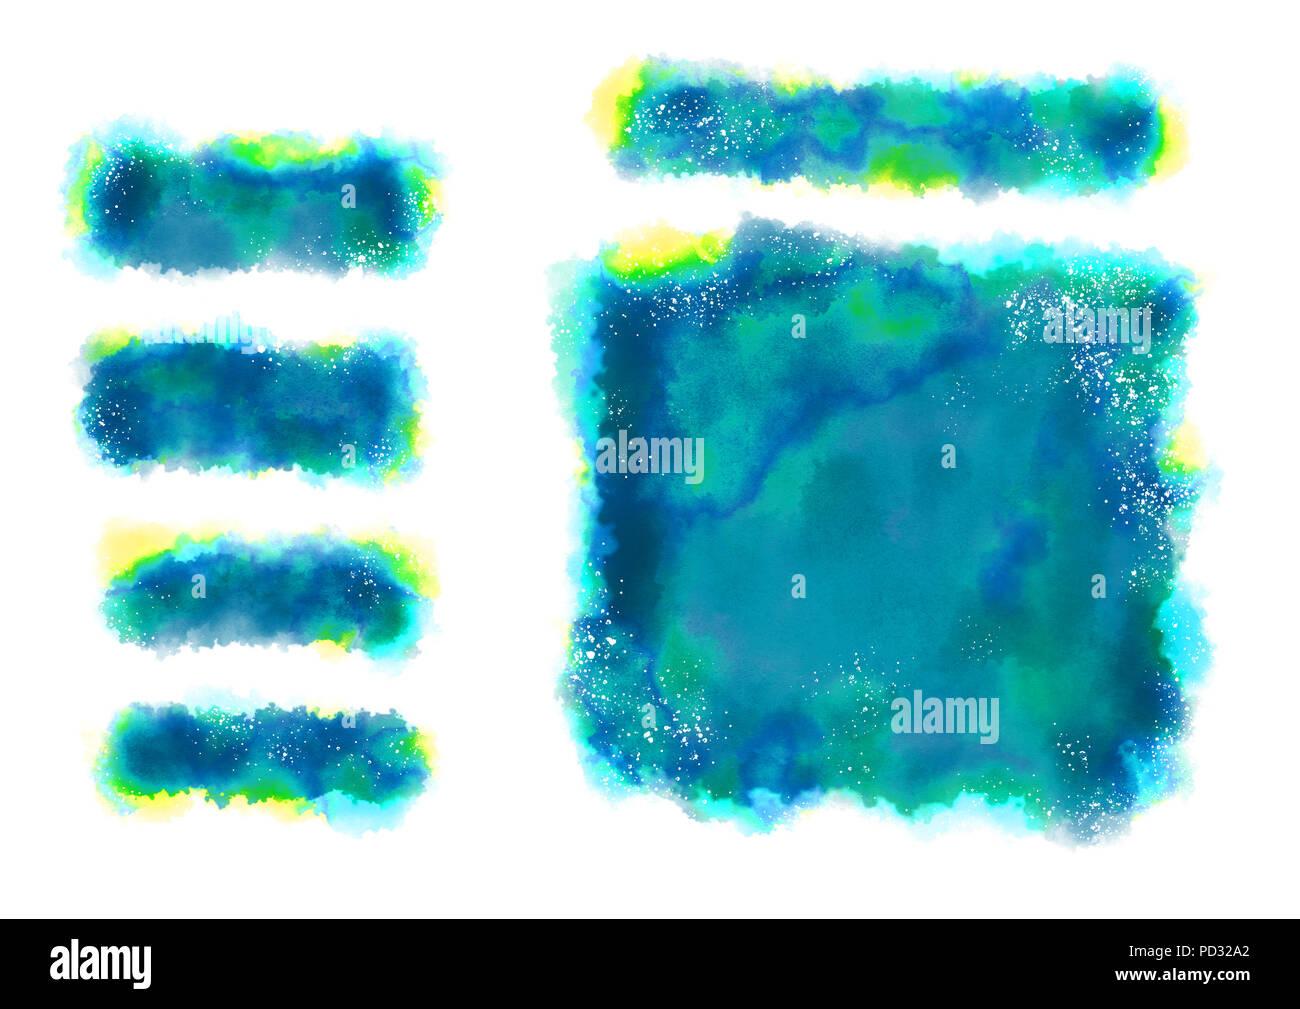 Eine Digitale Aquarelle Von Hintergrund Mit Weissen Punkten Und